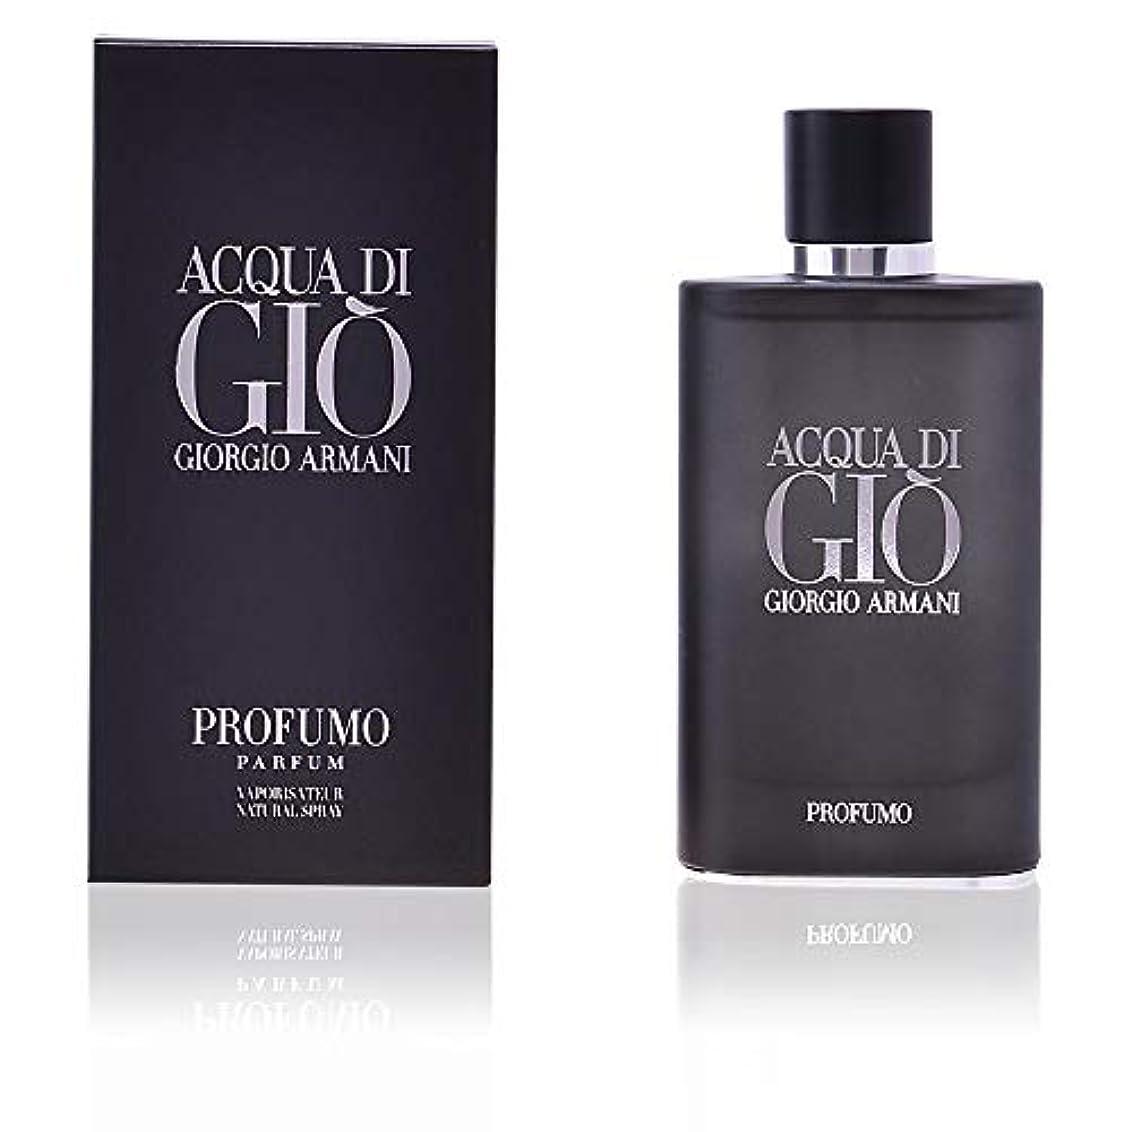 恐れるエンゲージメント受信機ジョルジオアルマーニ Acqua Di Gio Profumo Parfum Spray 75ml [海外直送品]